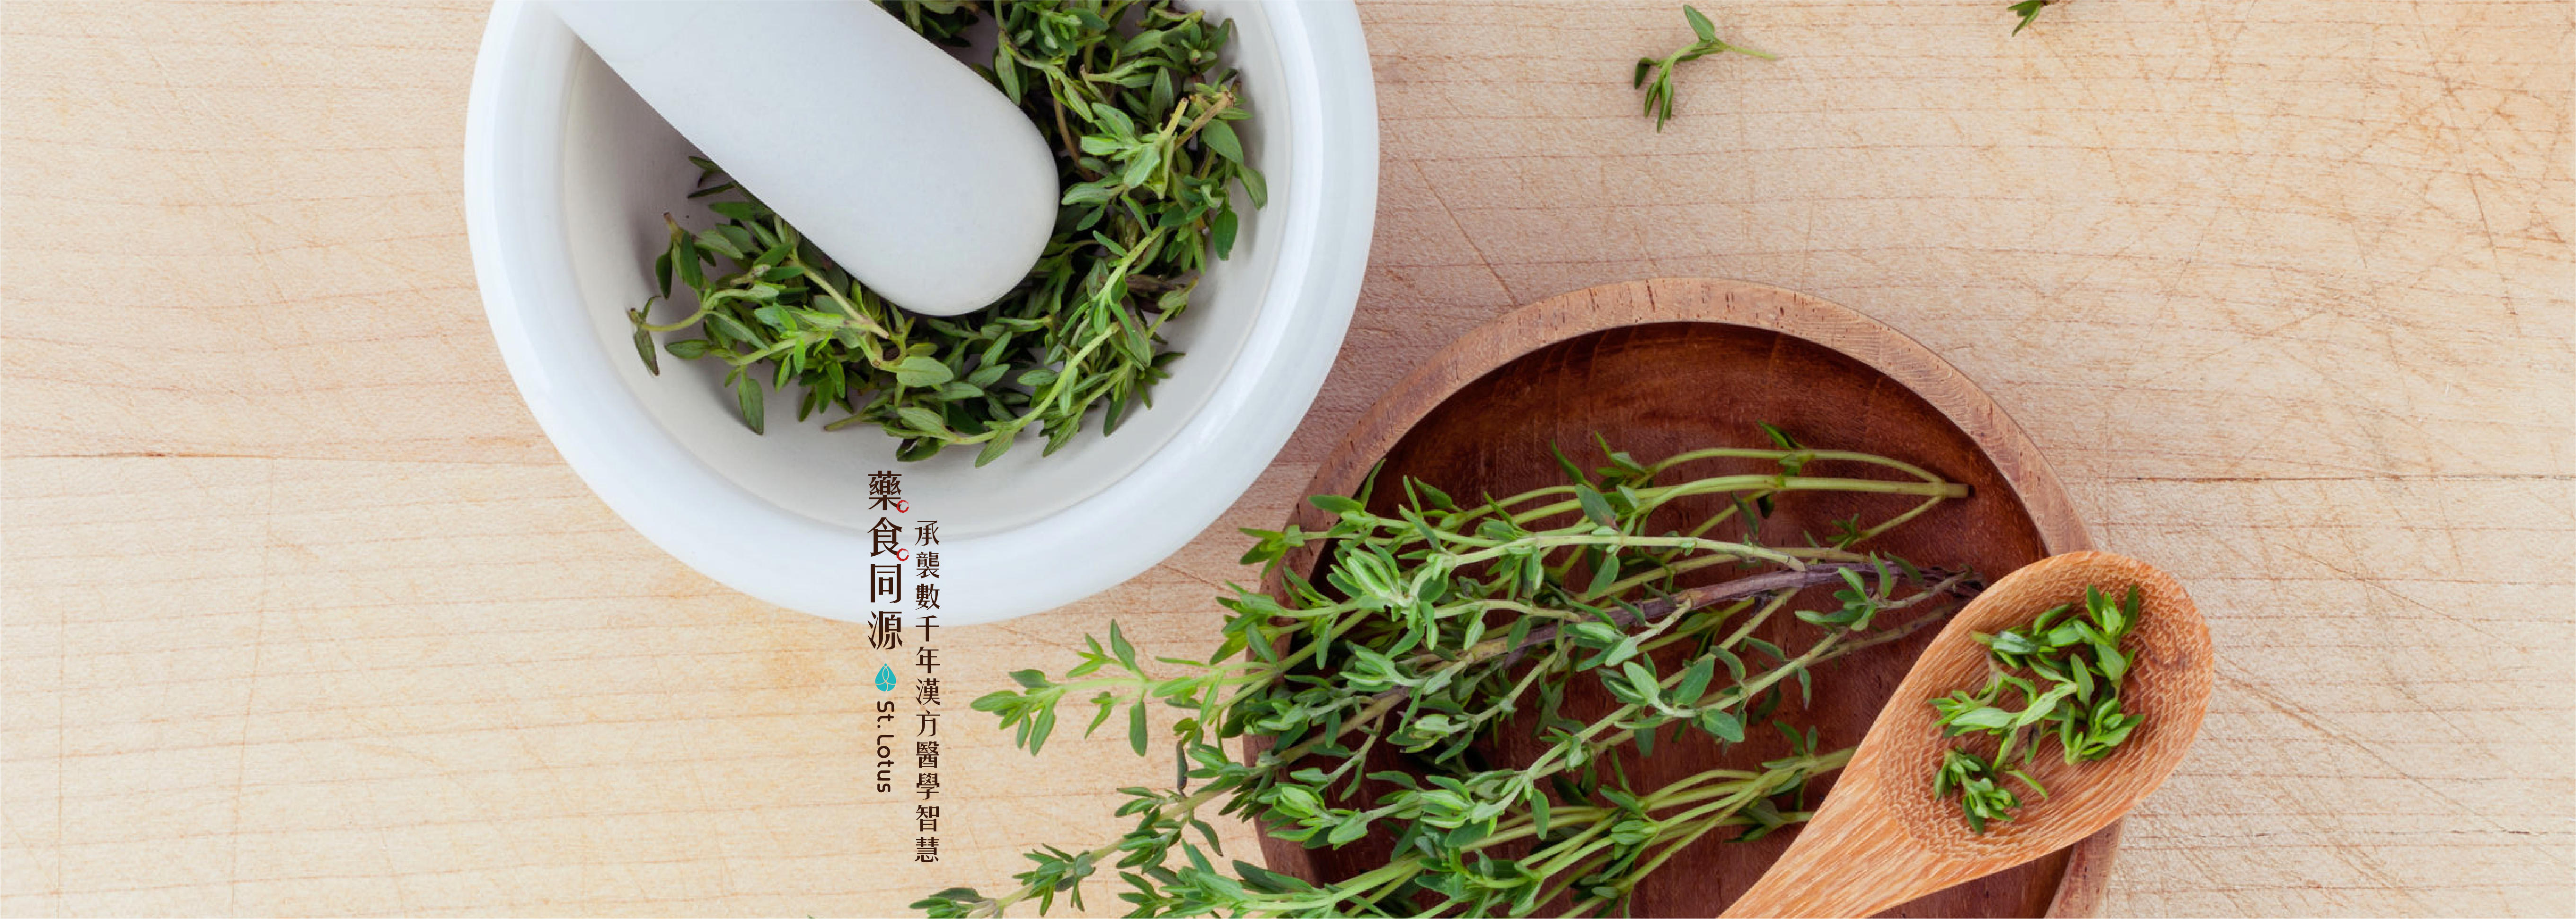 【藥食同源】承襲數千年漢方醫學智慧,了解更多聖蓮生技